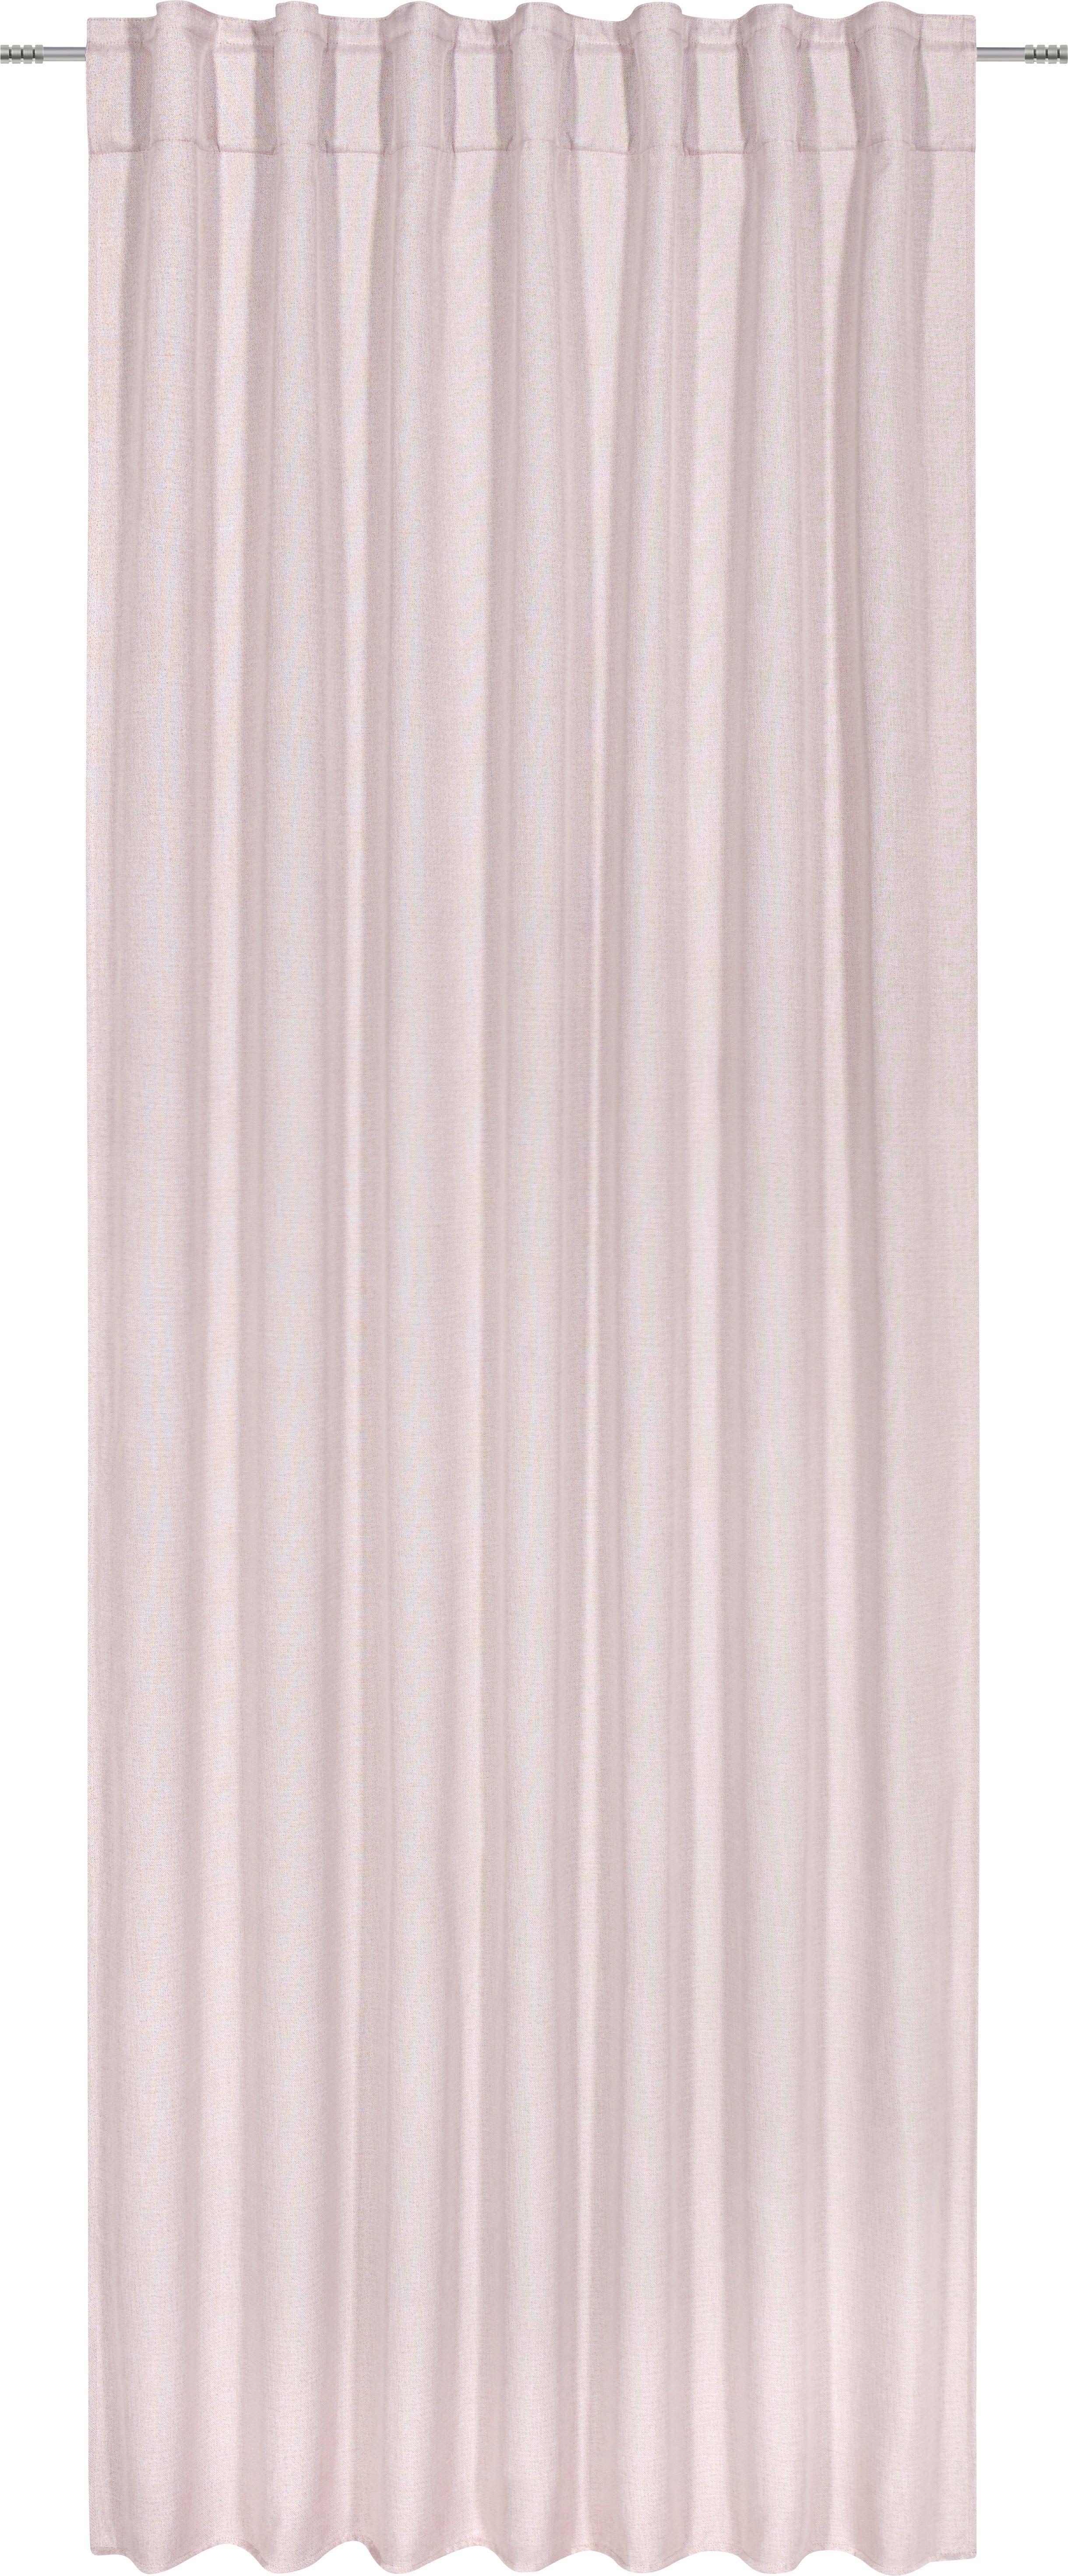 Készfüggöny Jakob - rózsaszín, textil (140/245cm) - MÖMAX modern living